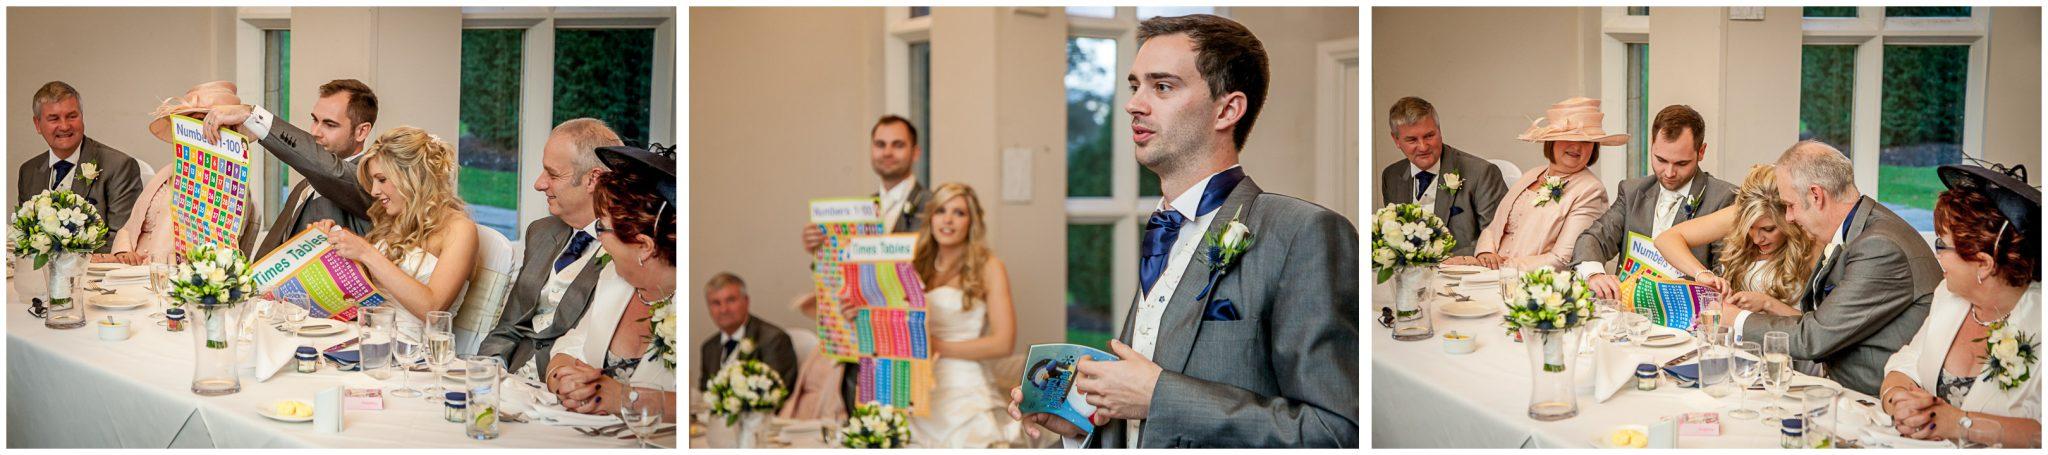 Audleys Wood wedding photography best man's speech